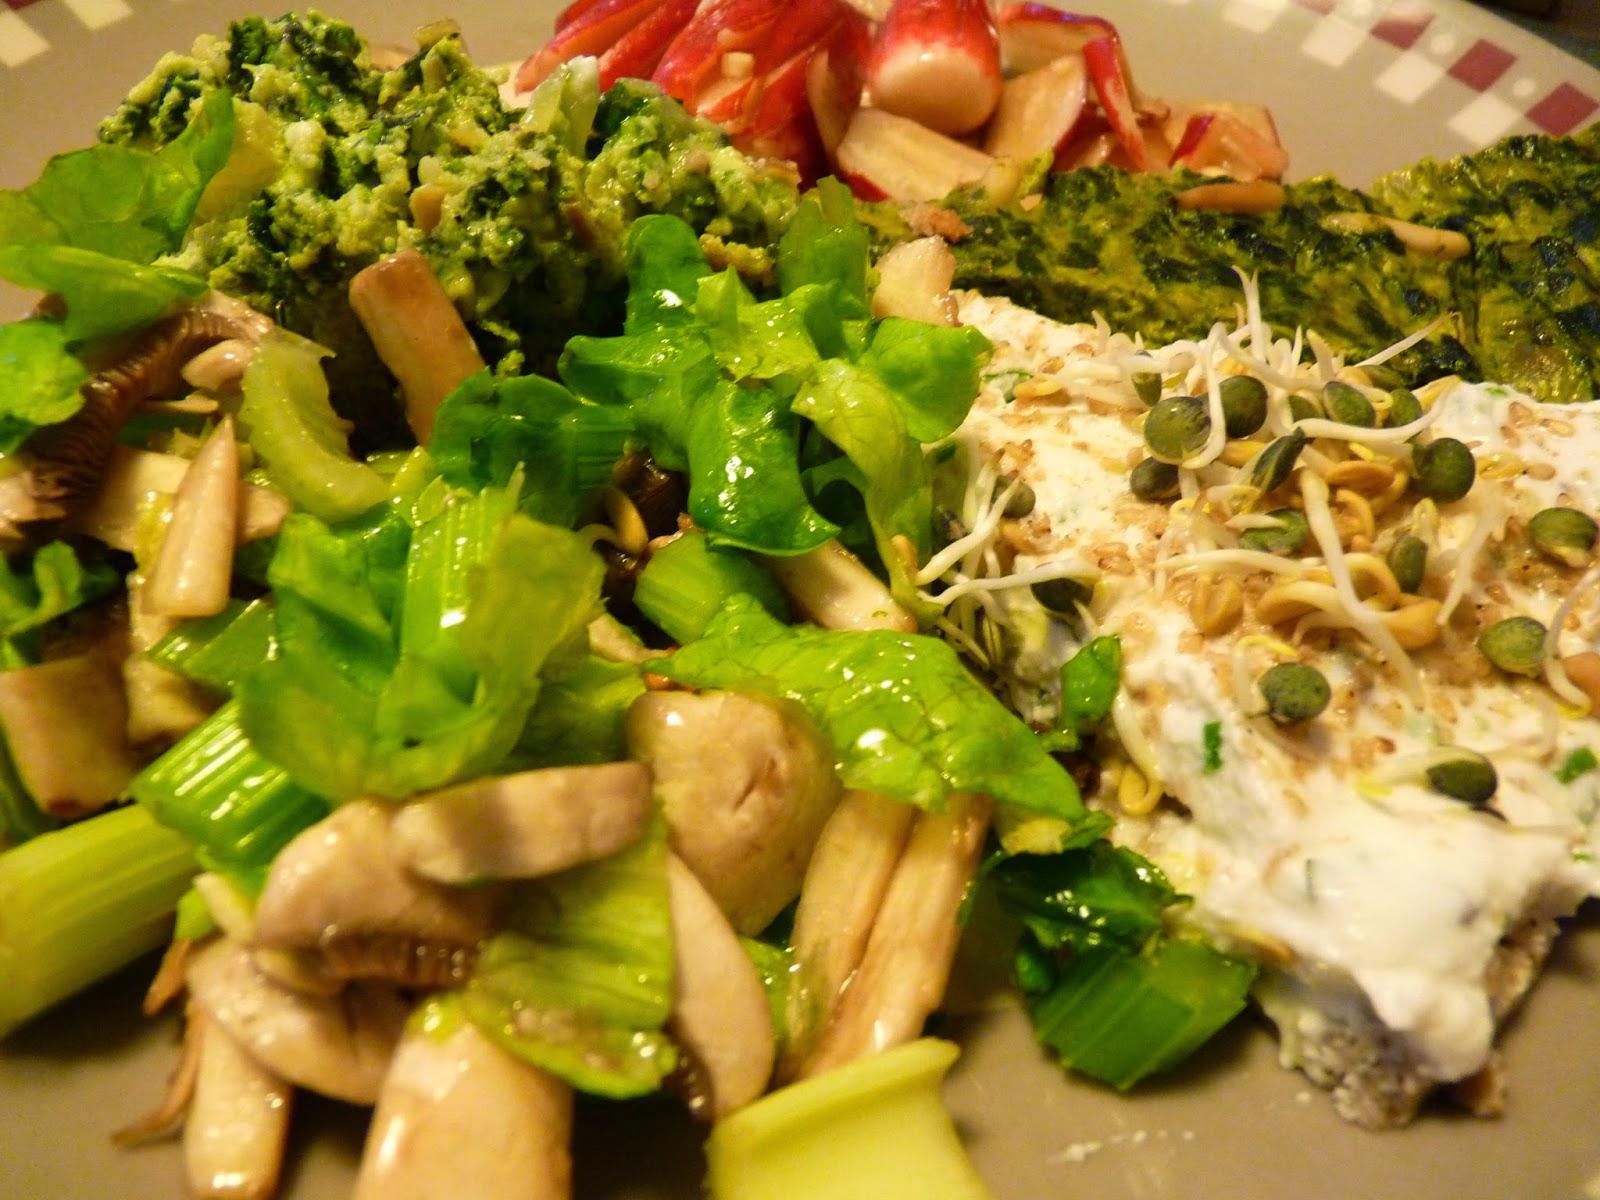 Le potager meudonnais atelier cuisine du 7 mai 2014 for Potager cuisine